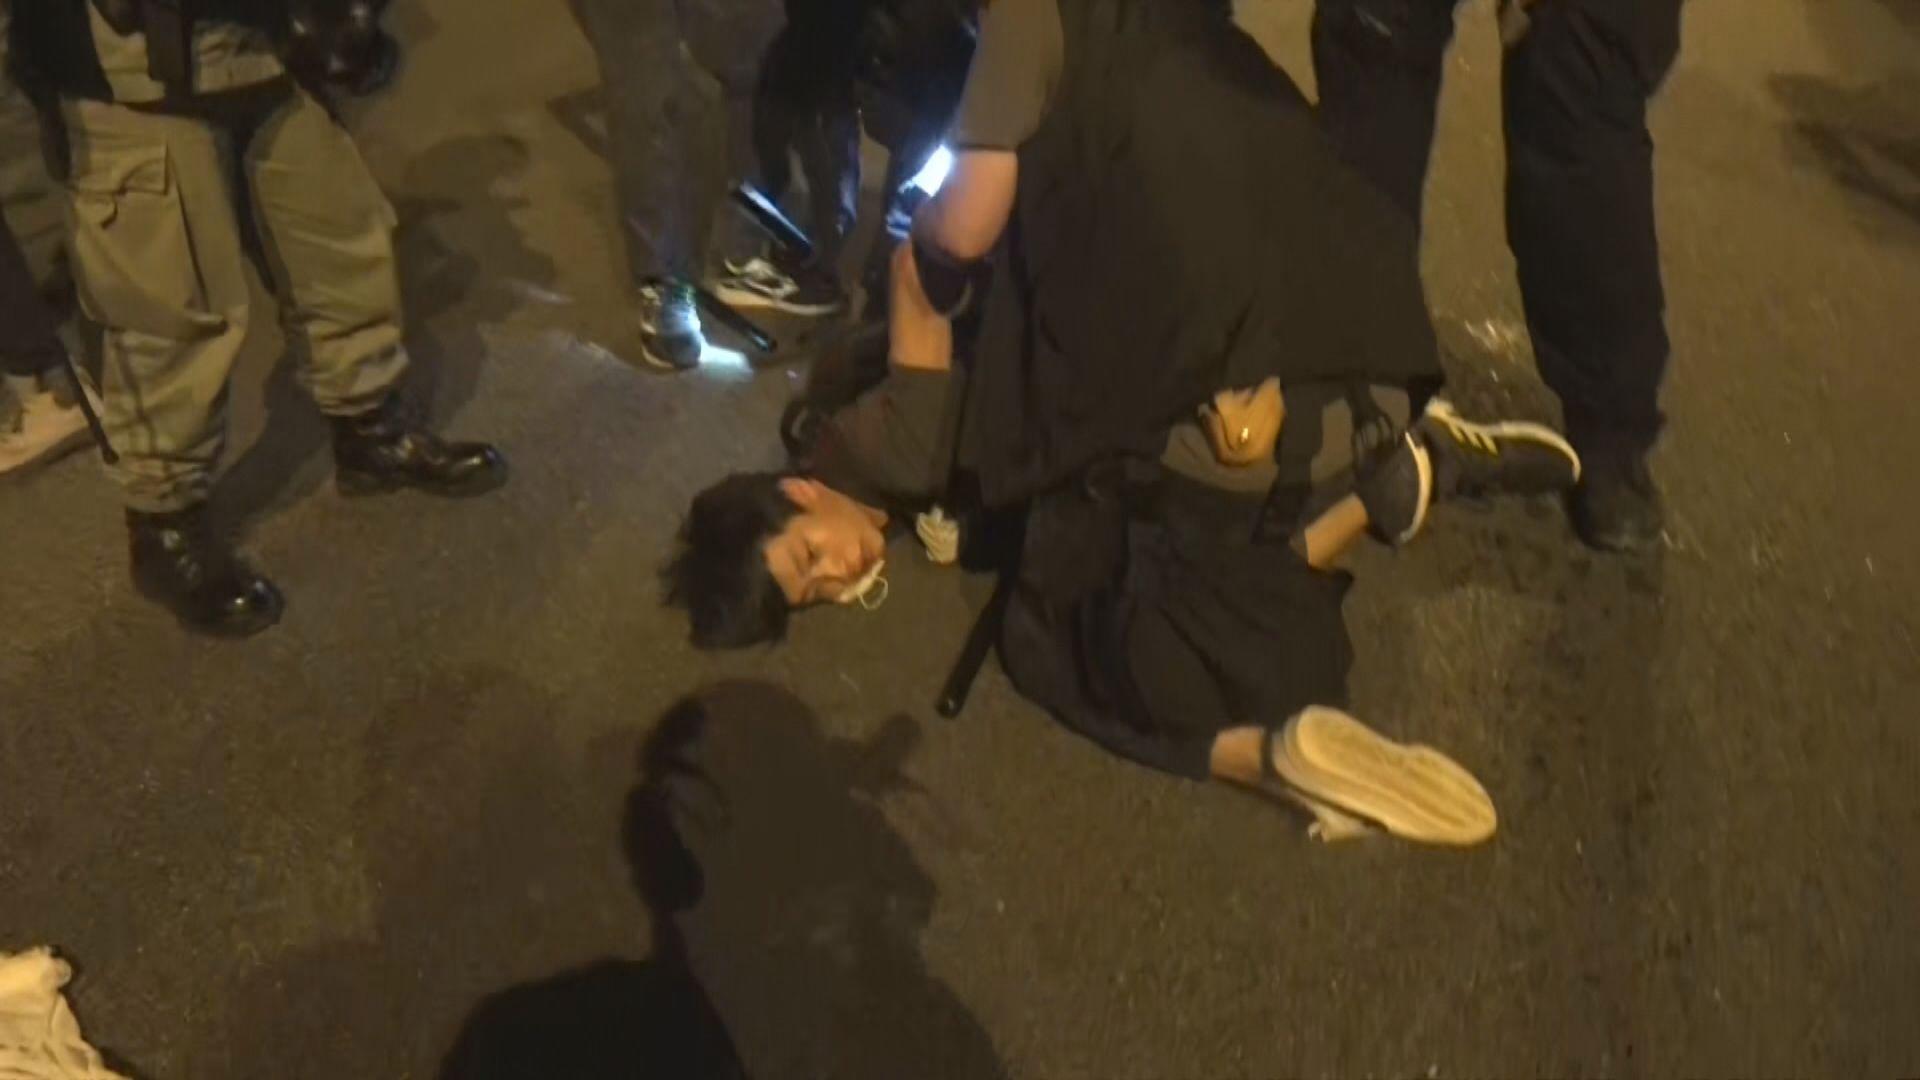 示威者堵塞大埔太和路 速龍小隊拘捕多人